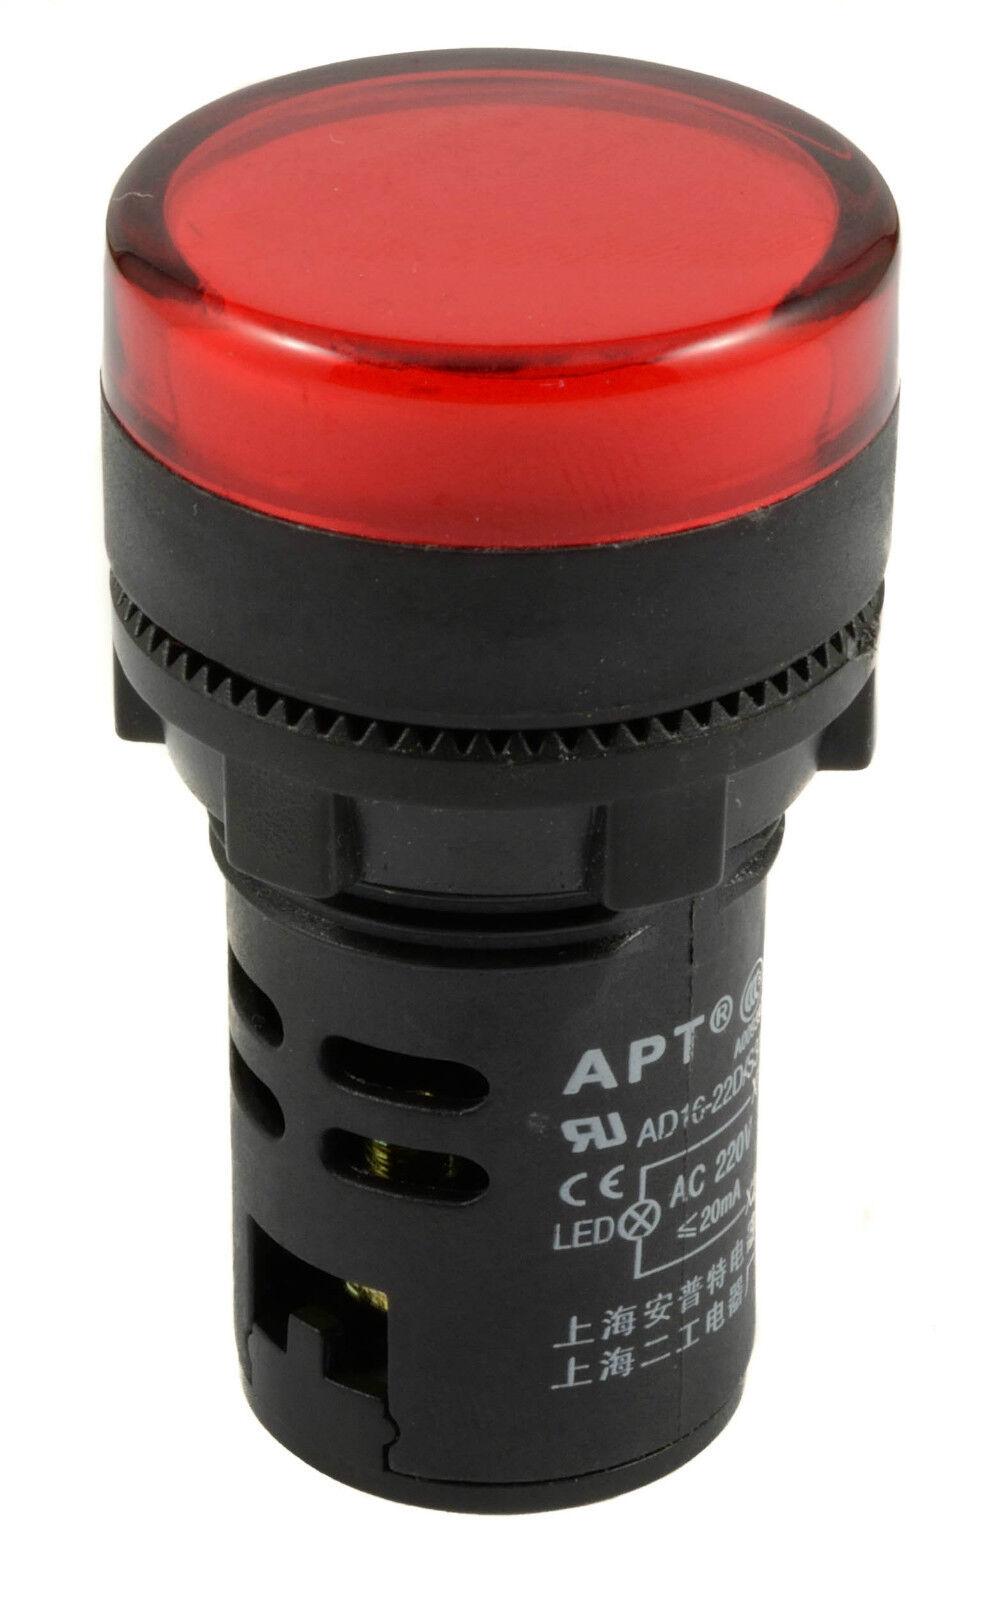 LED indicador de montaje del panel IP65 Blanco 230 Vac Lámpara Piloto 22 mm